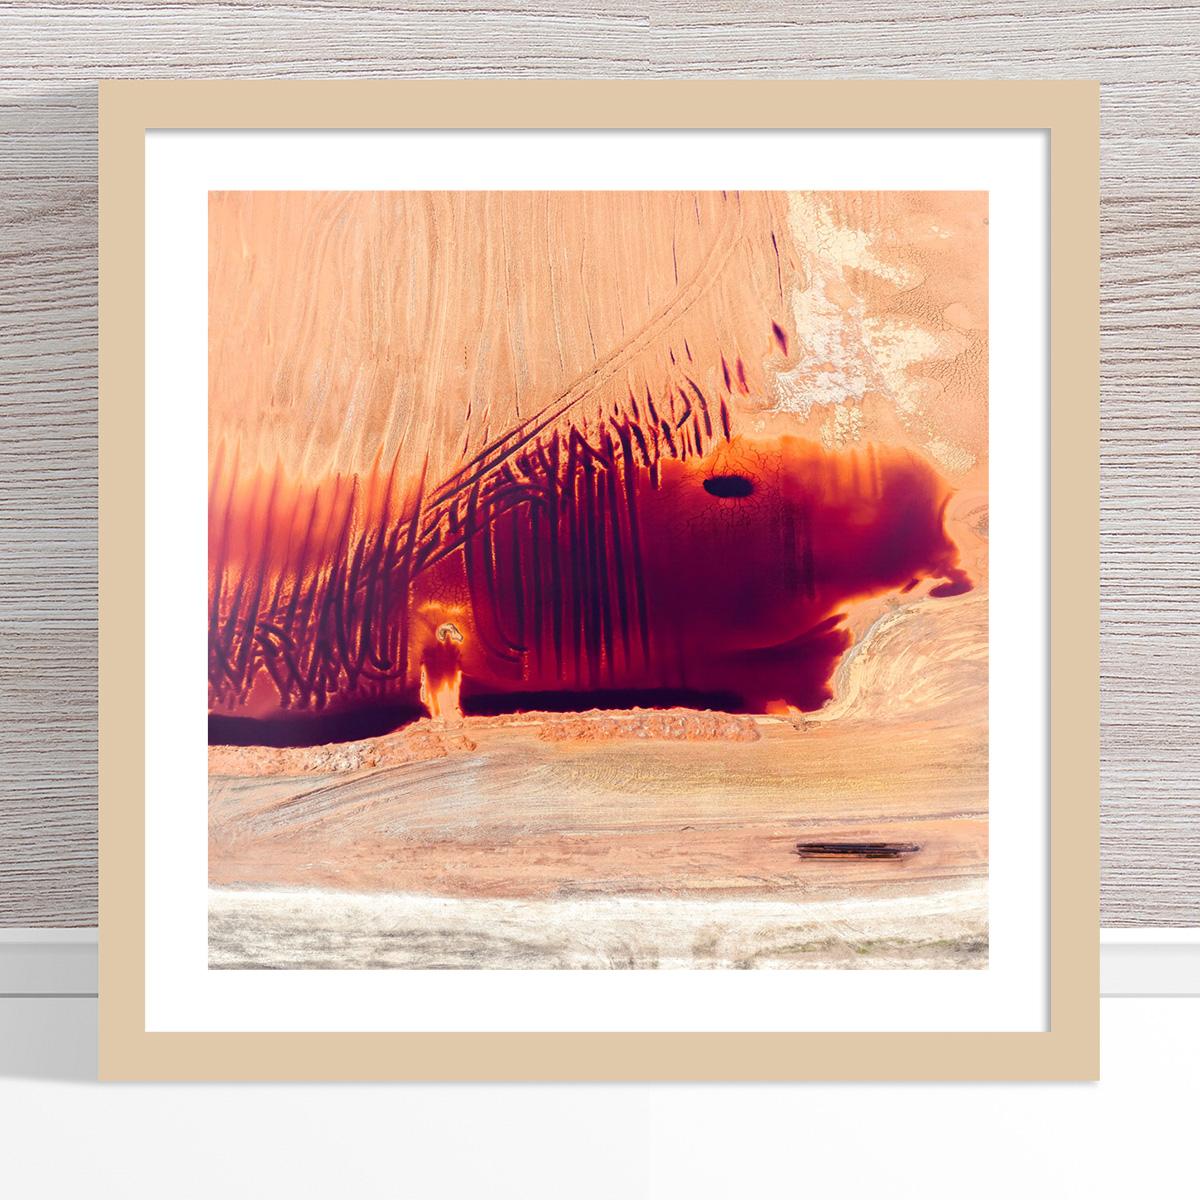 Chris Saunders - 'Aerial Alcoa 003' Light Frame